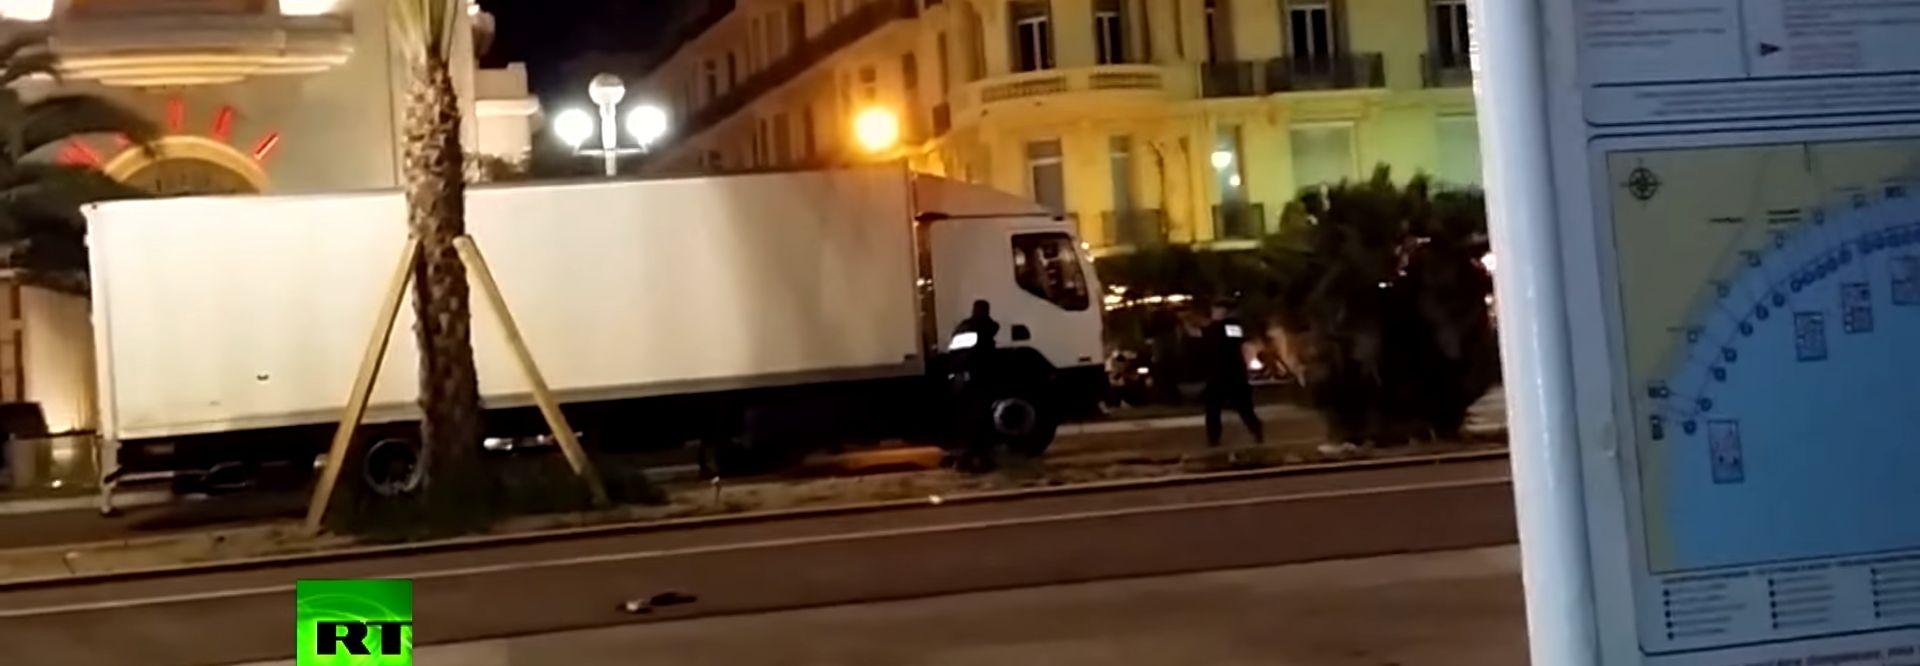 VIDEO: Objavljena snimka trenutka u kojem francuska policija ubija vozača kamiona